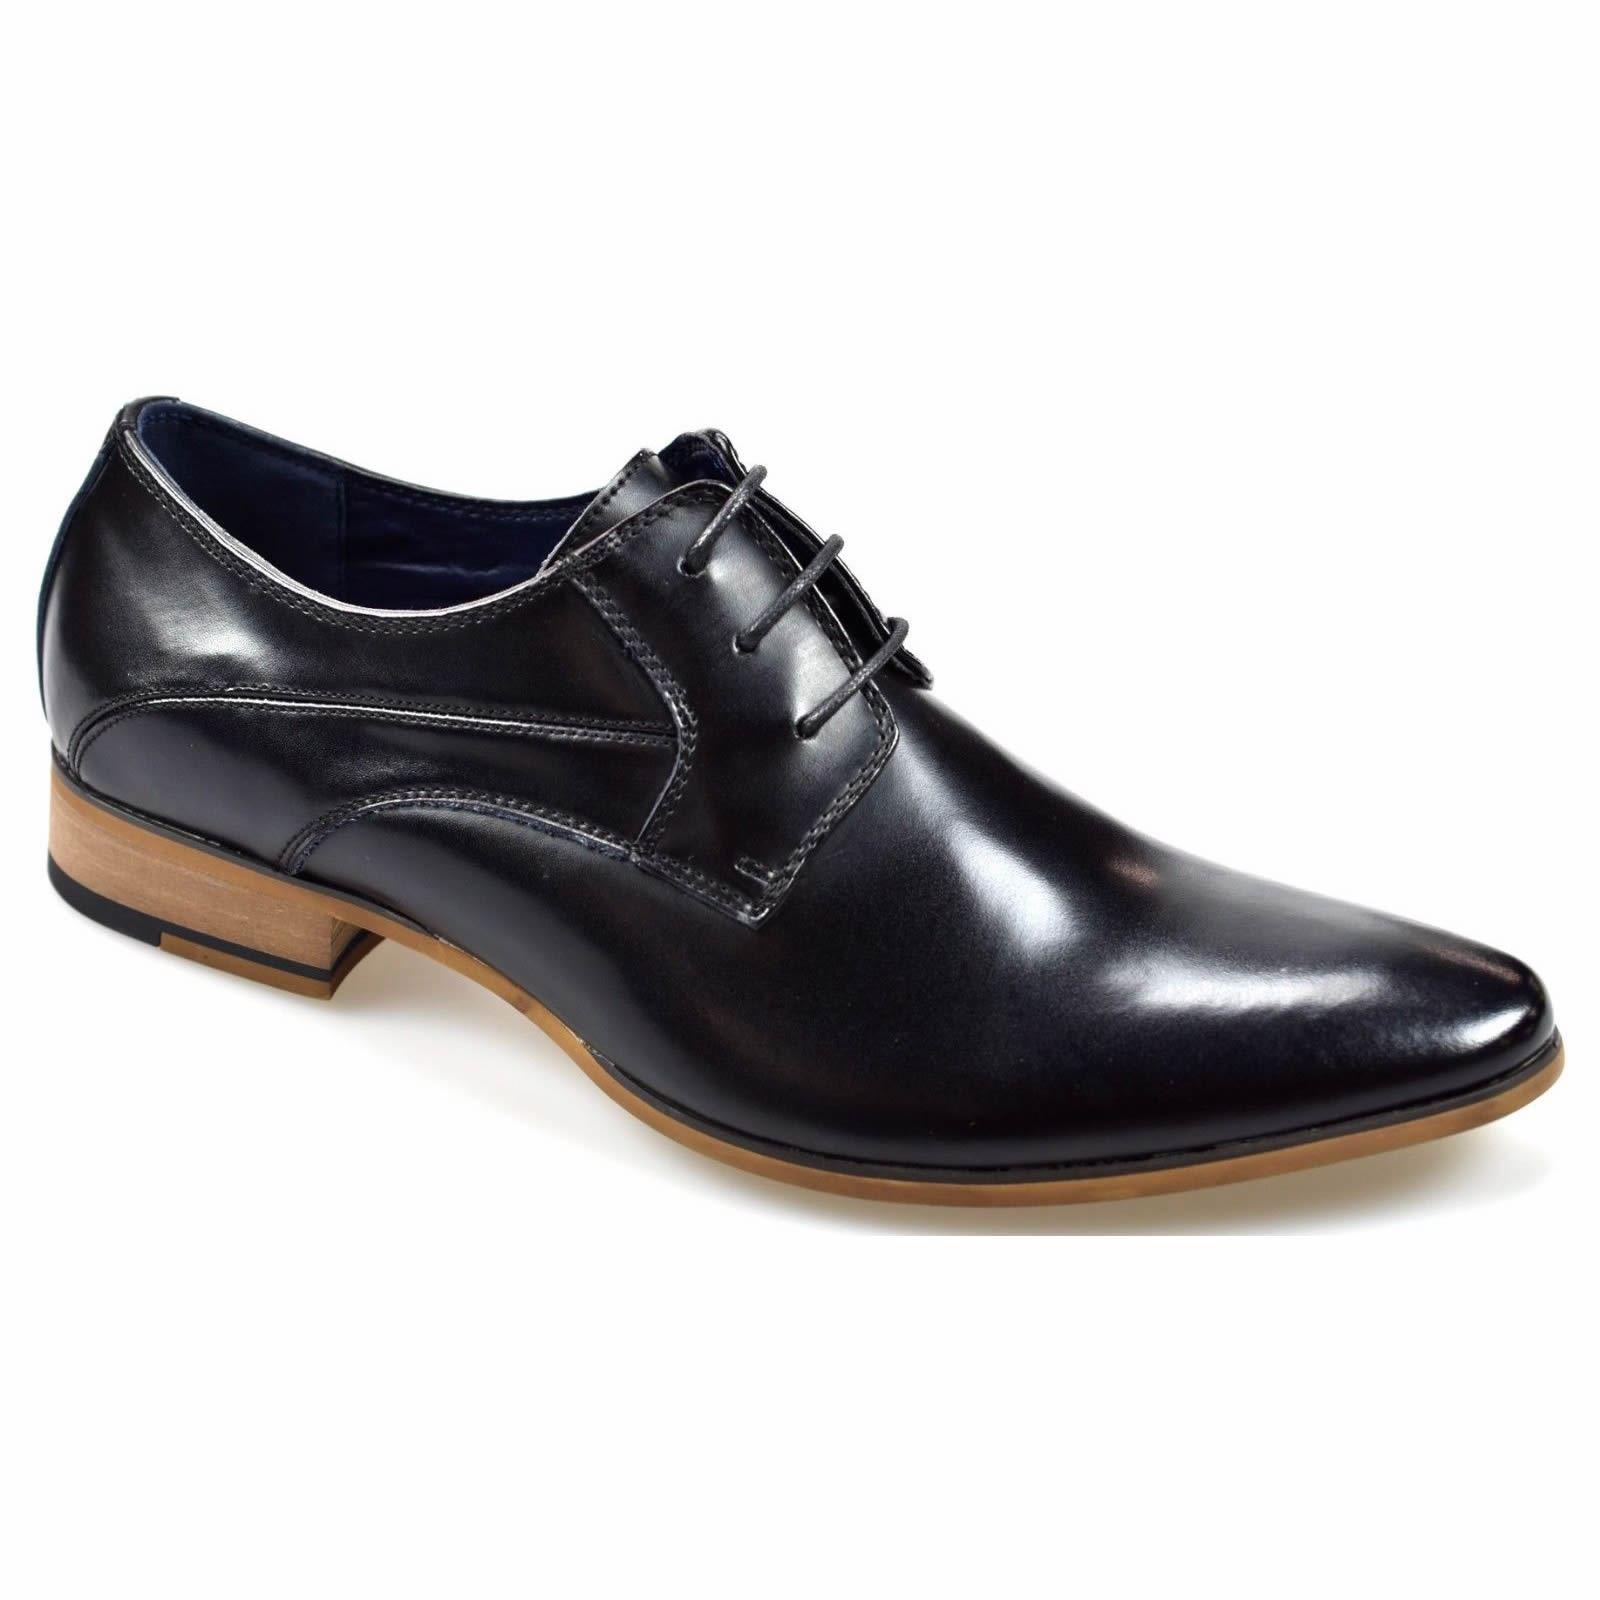 Zapatos para hombres Cavani Roux Formales Cuero Inteligente Con Cordones Brouges